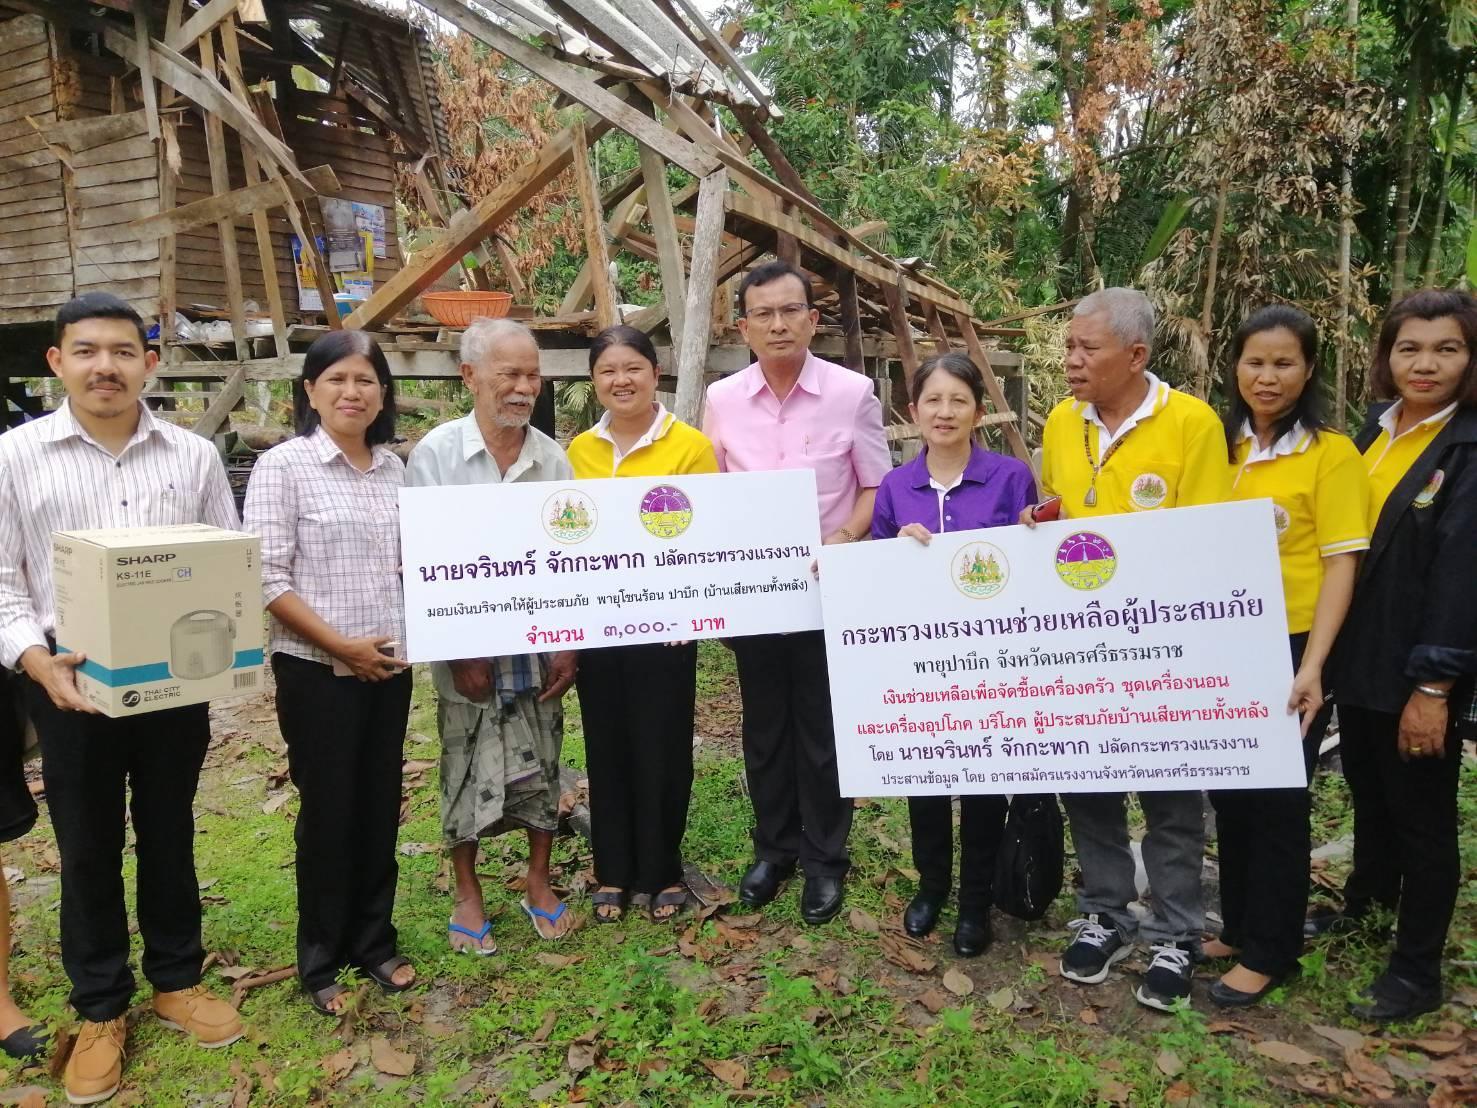 ร่วมจัดกิจกรรมช่วยเหลือผู้ประสบภัยพายุโซนร้อน ปาบึก